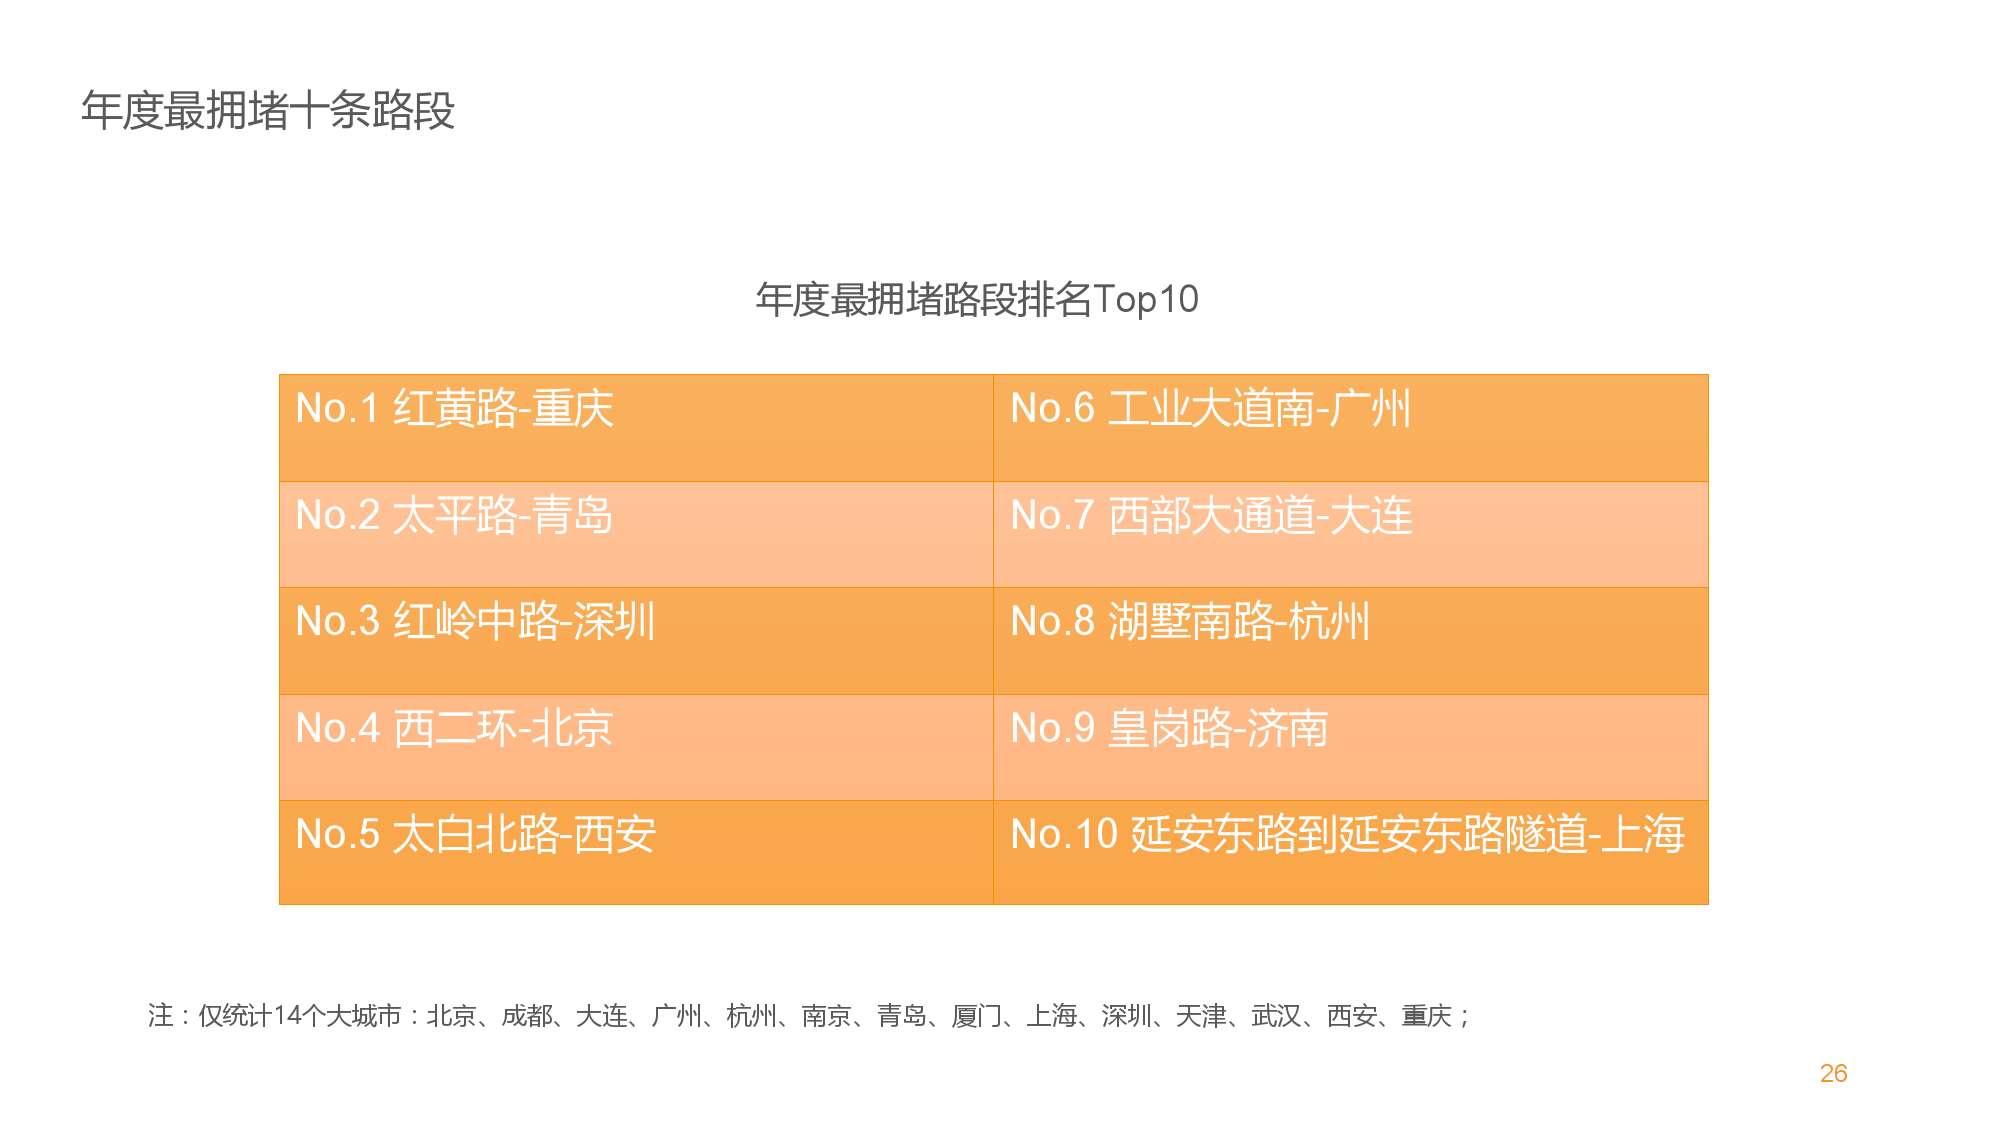 中国智能出行2015大数据报告_000026